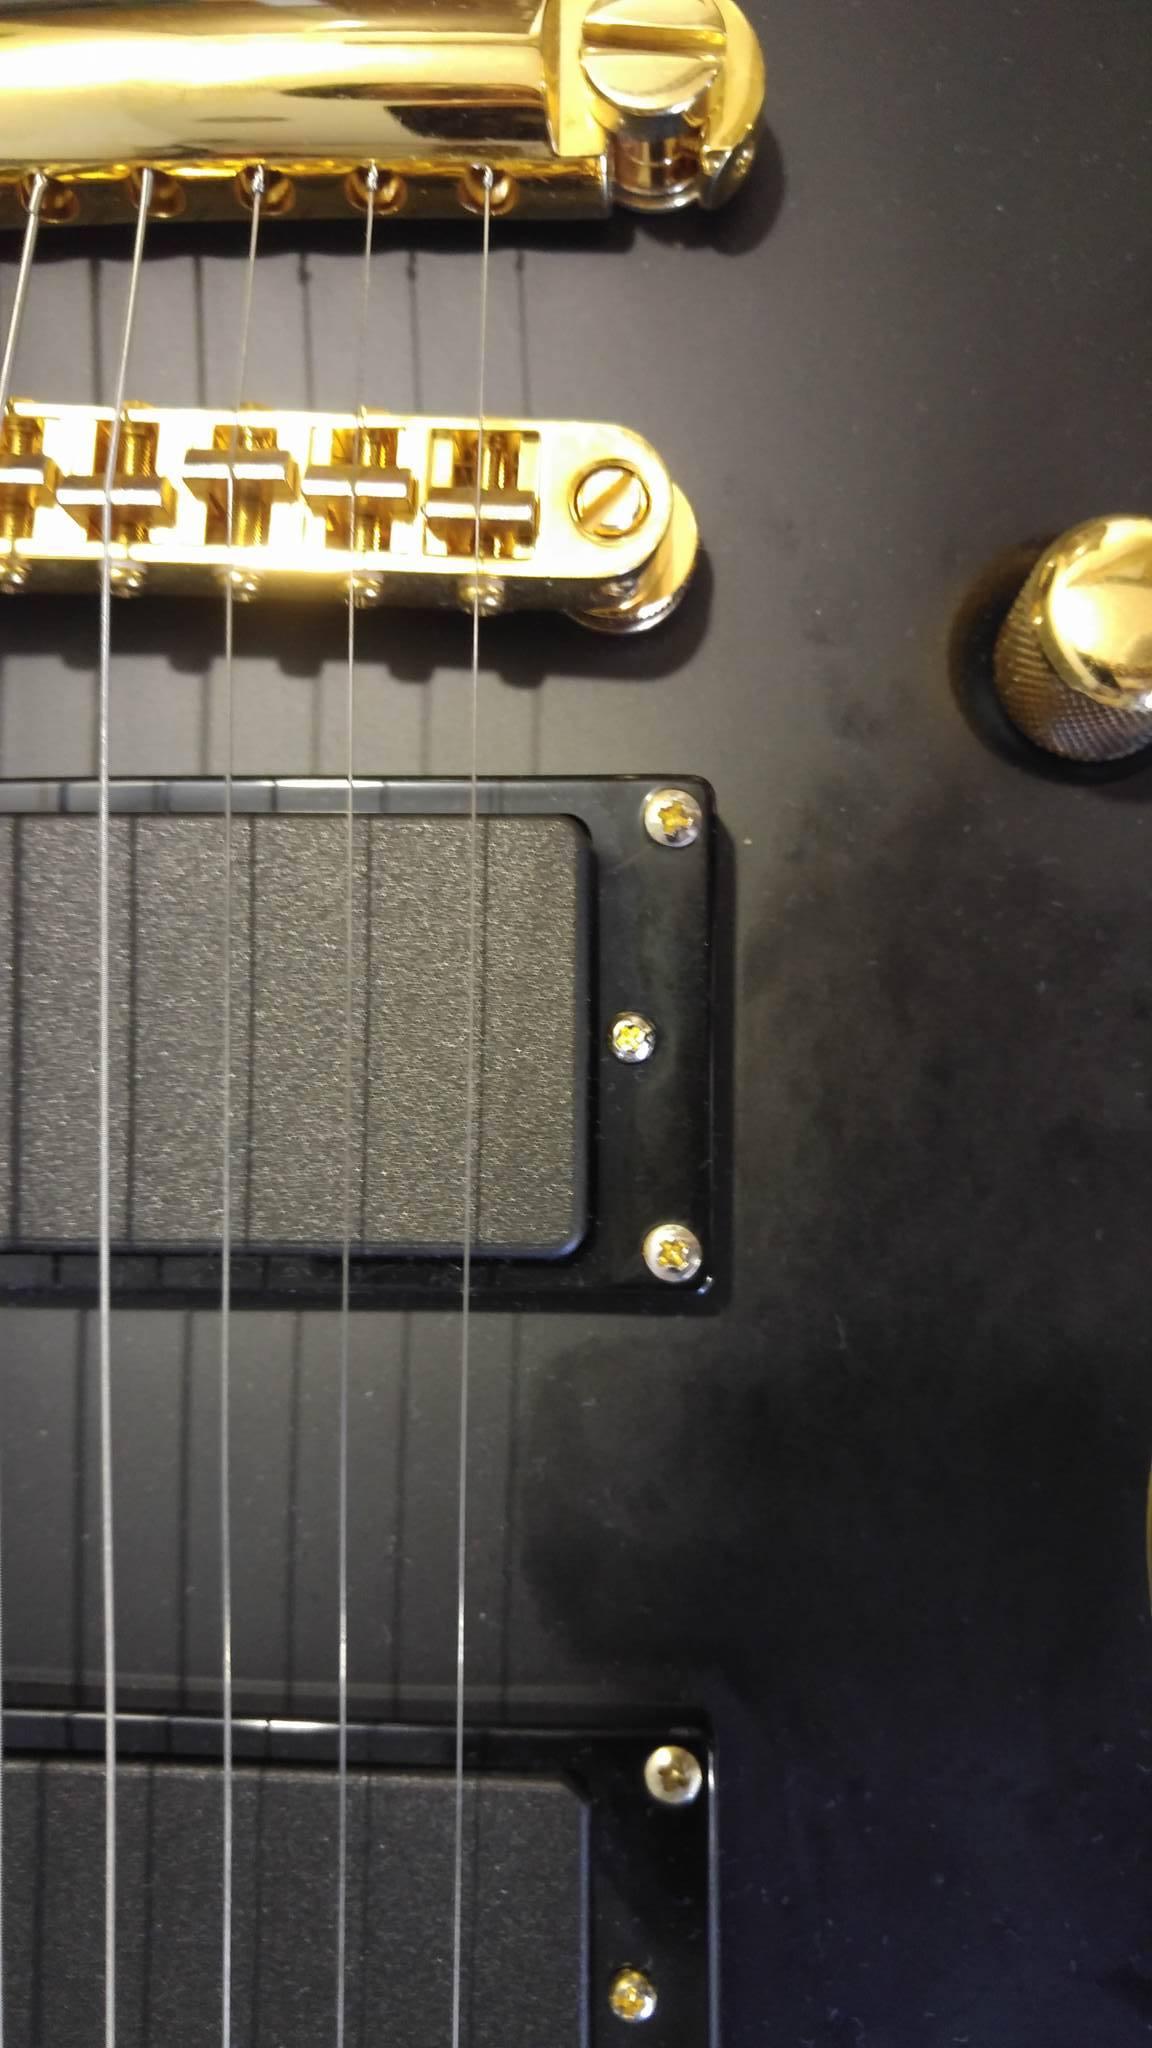 LTD EC-1000 Deluxe. Gold hardware problem. - The ESP Guitar Company